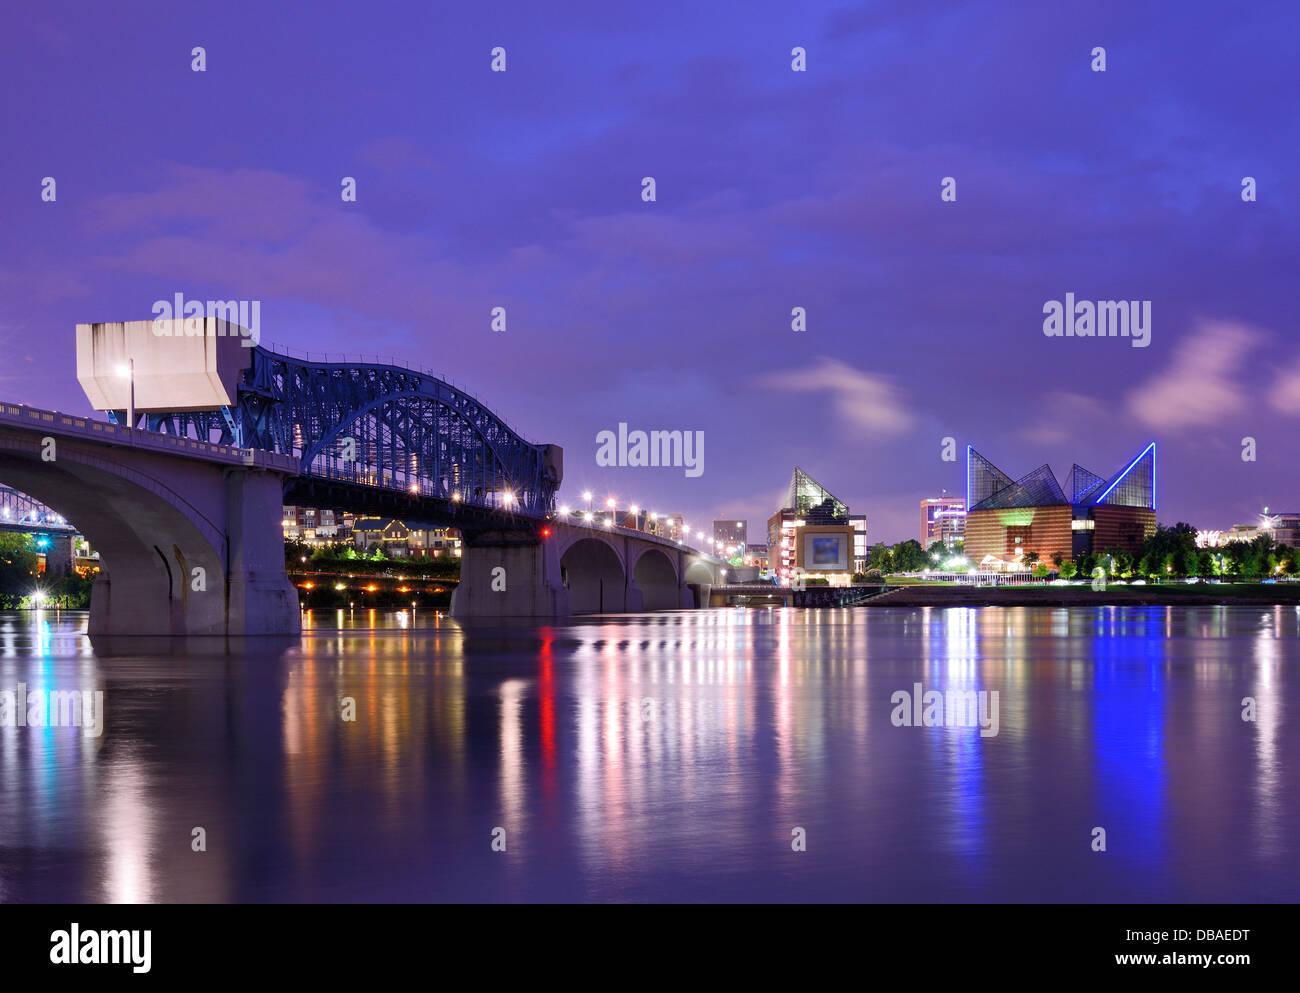 Downtown Chattanooga, Tennessee, Stati Uniti d'America. Immagini Stock